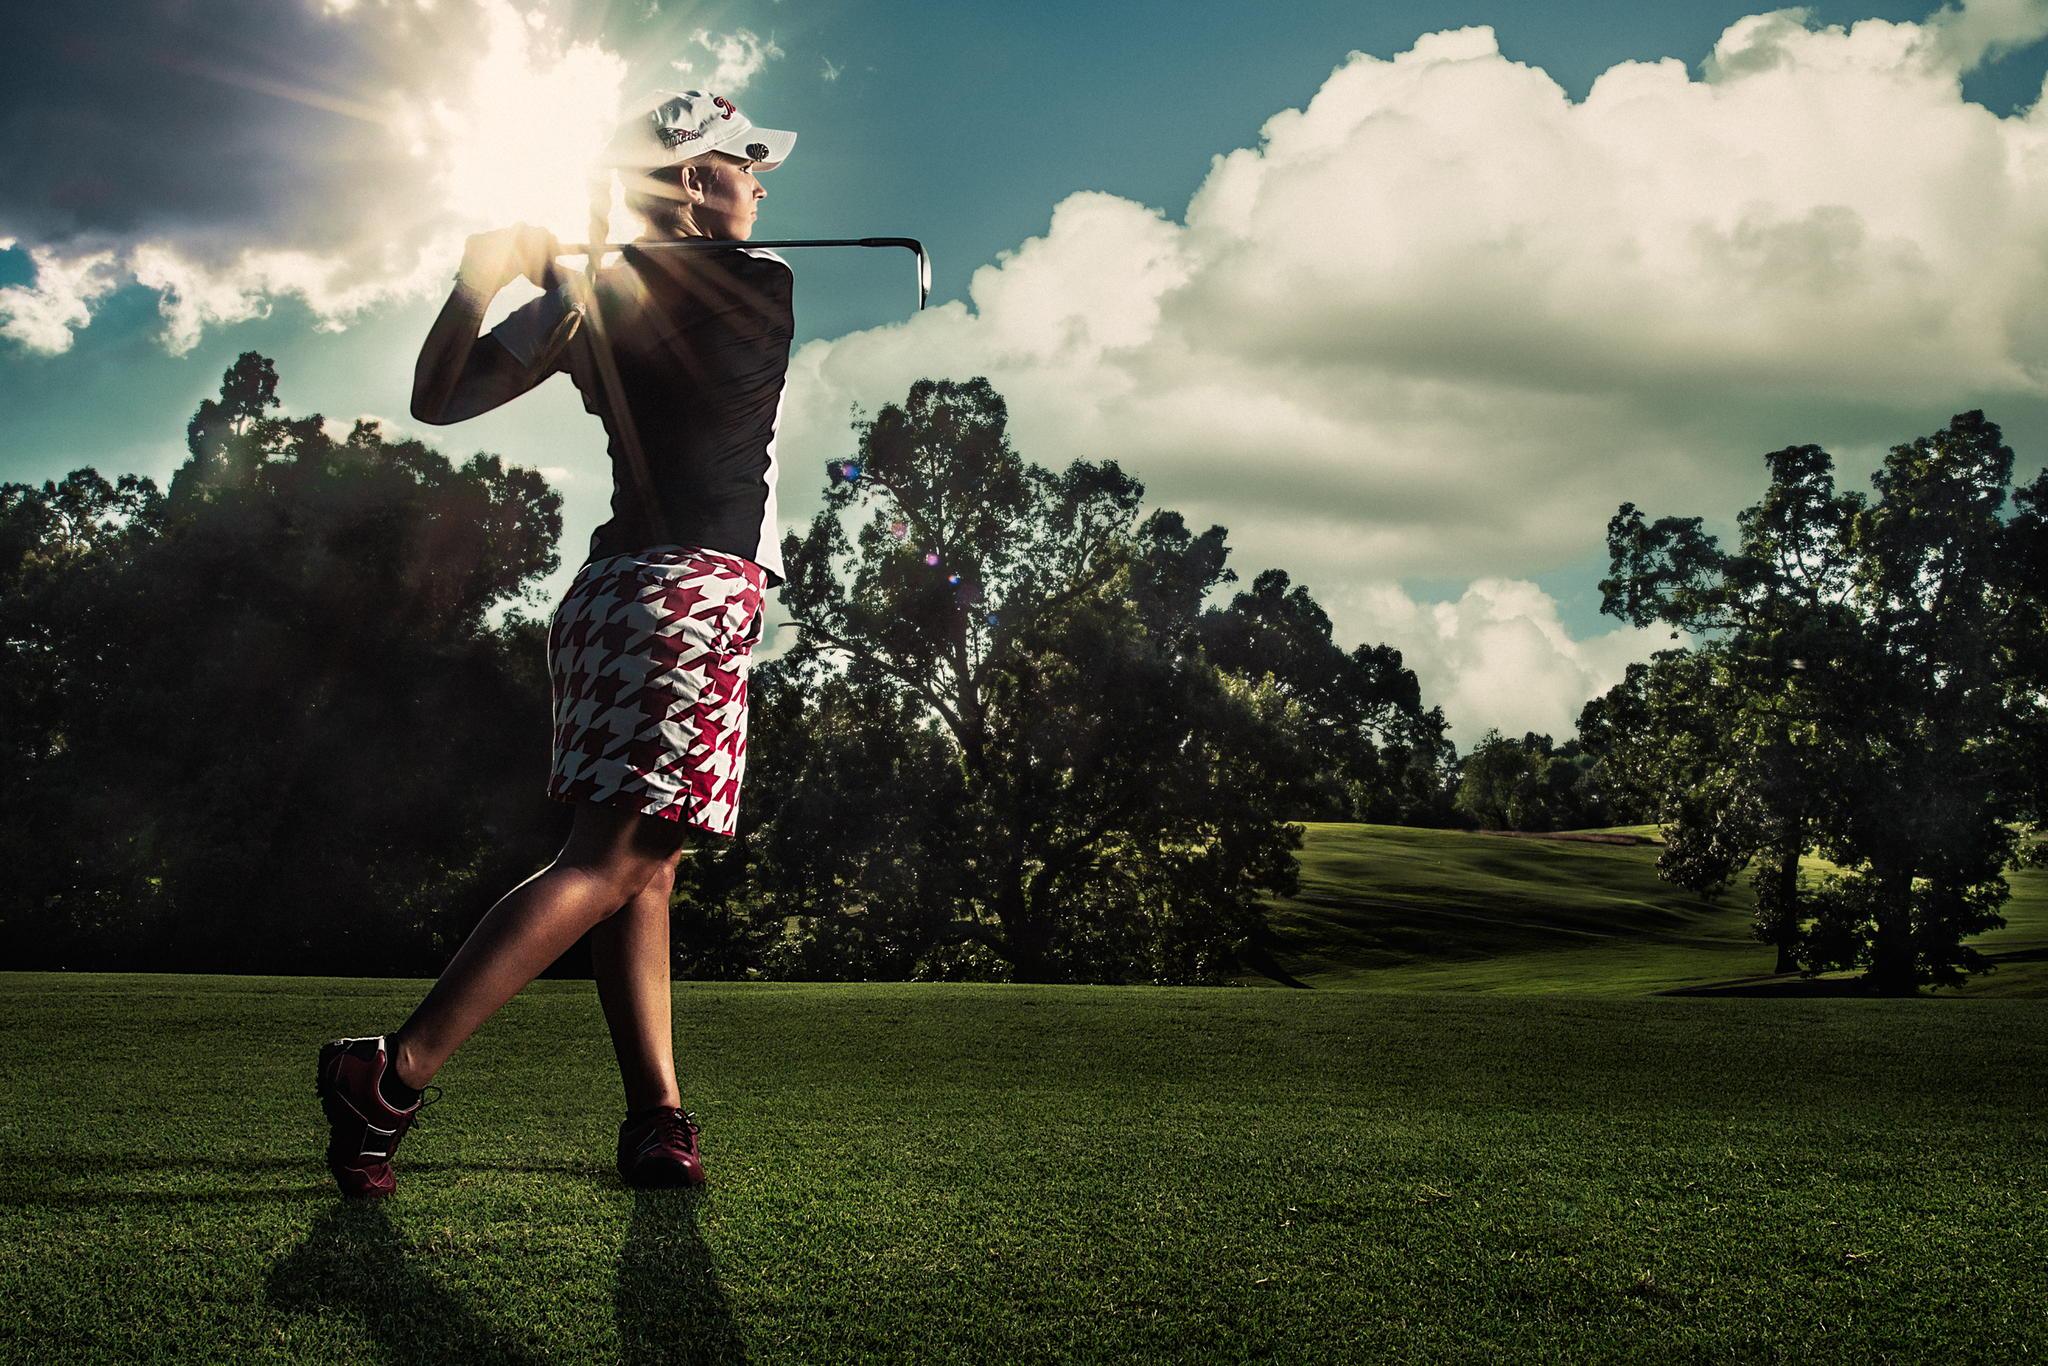 『一流ブランド・キャディーバック付きに特化した』初心者女性ゴルファー向けクラブセットまとめ